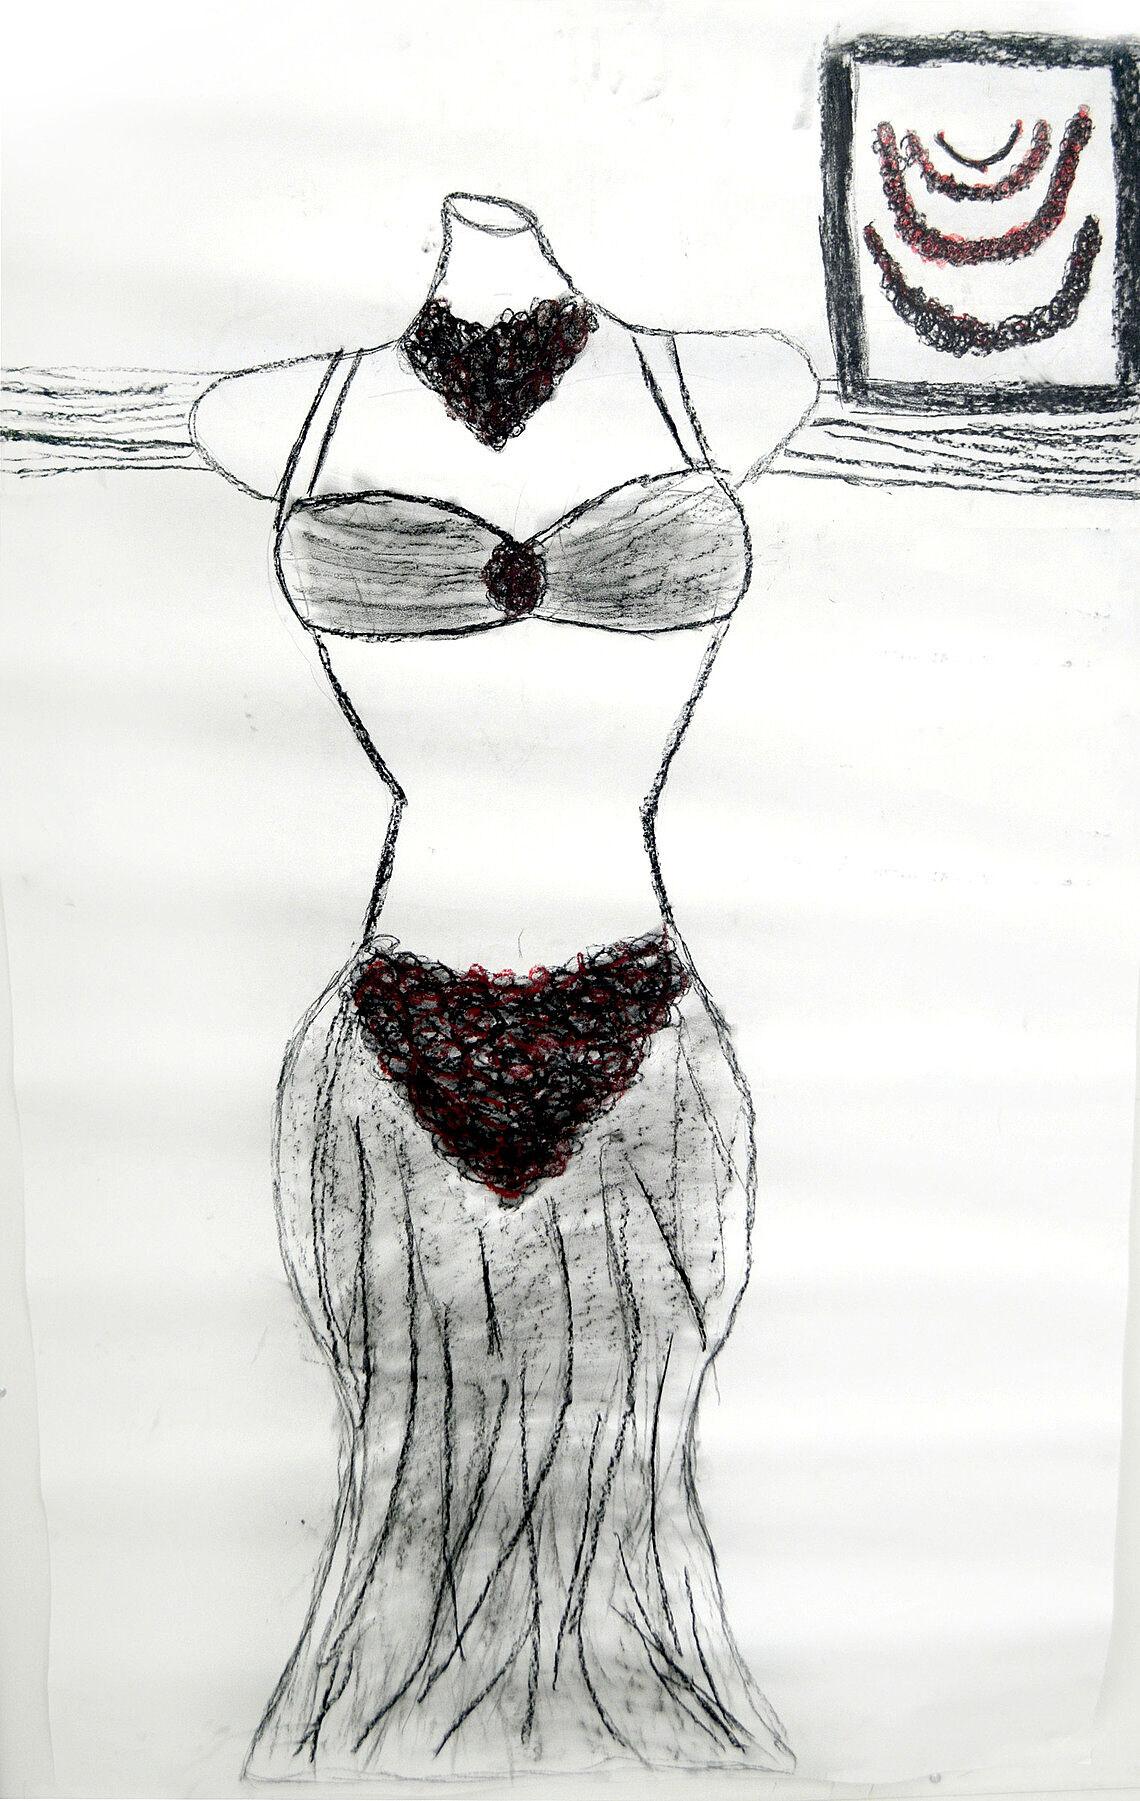 Drawing of a bikini-style dress.